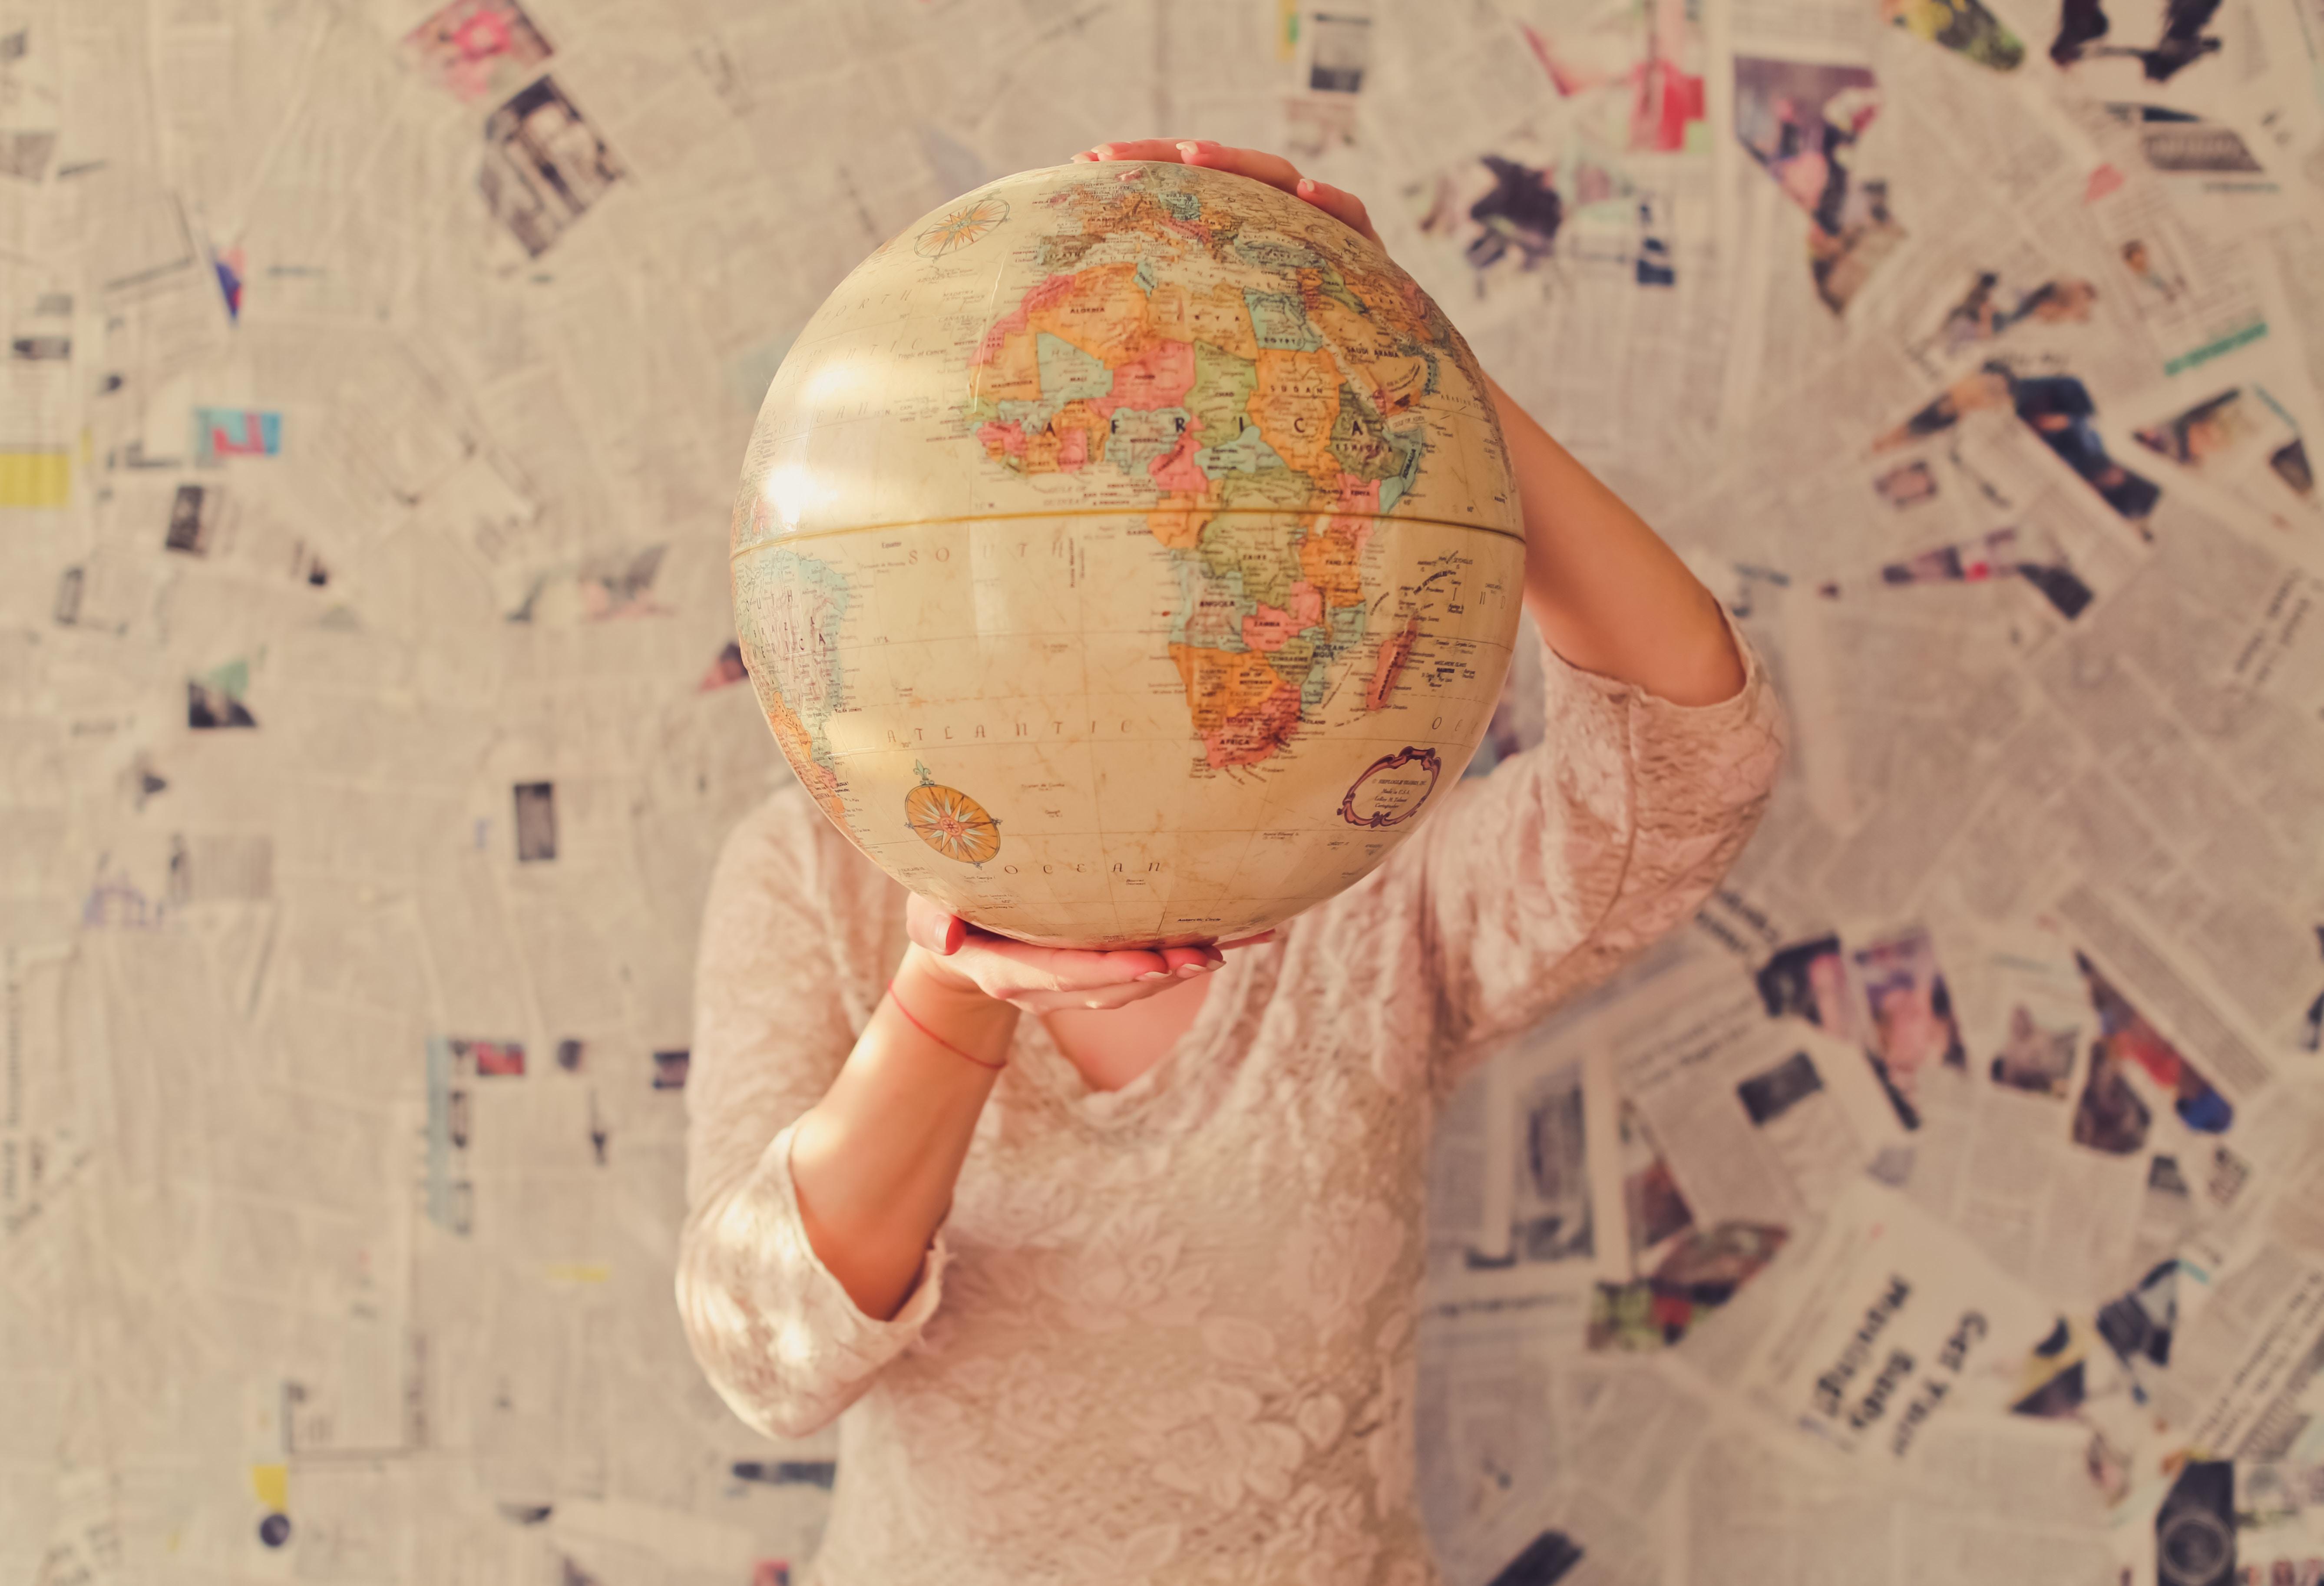 La Mappa Che Rileva Le Seconde Lingue Parlate Nel Mondo